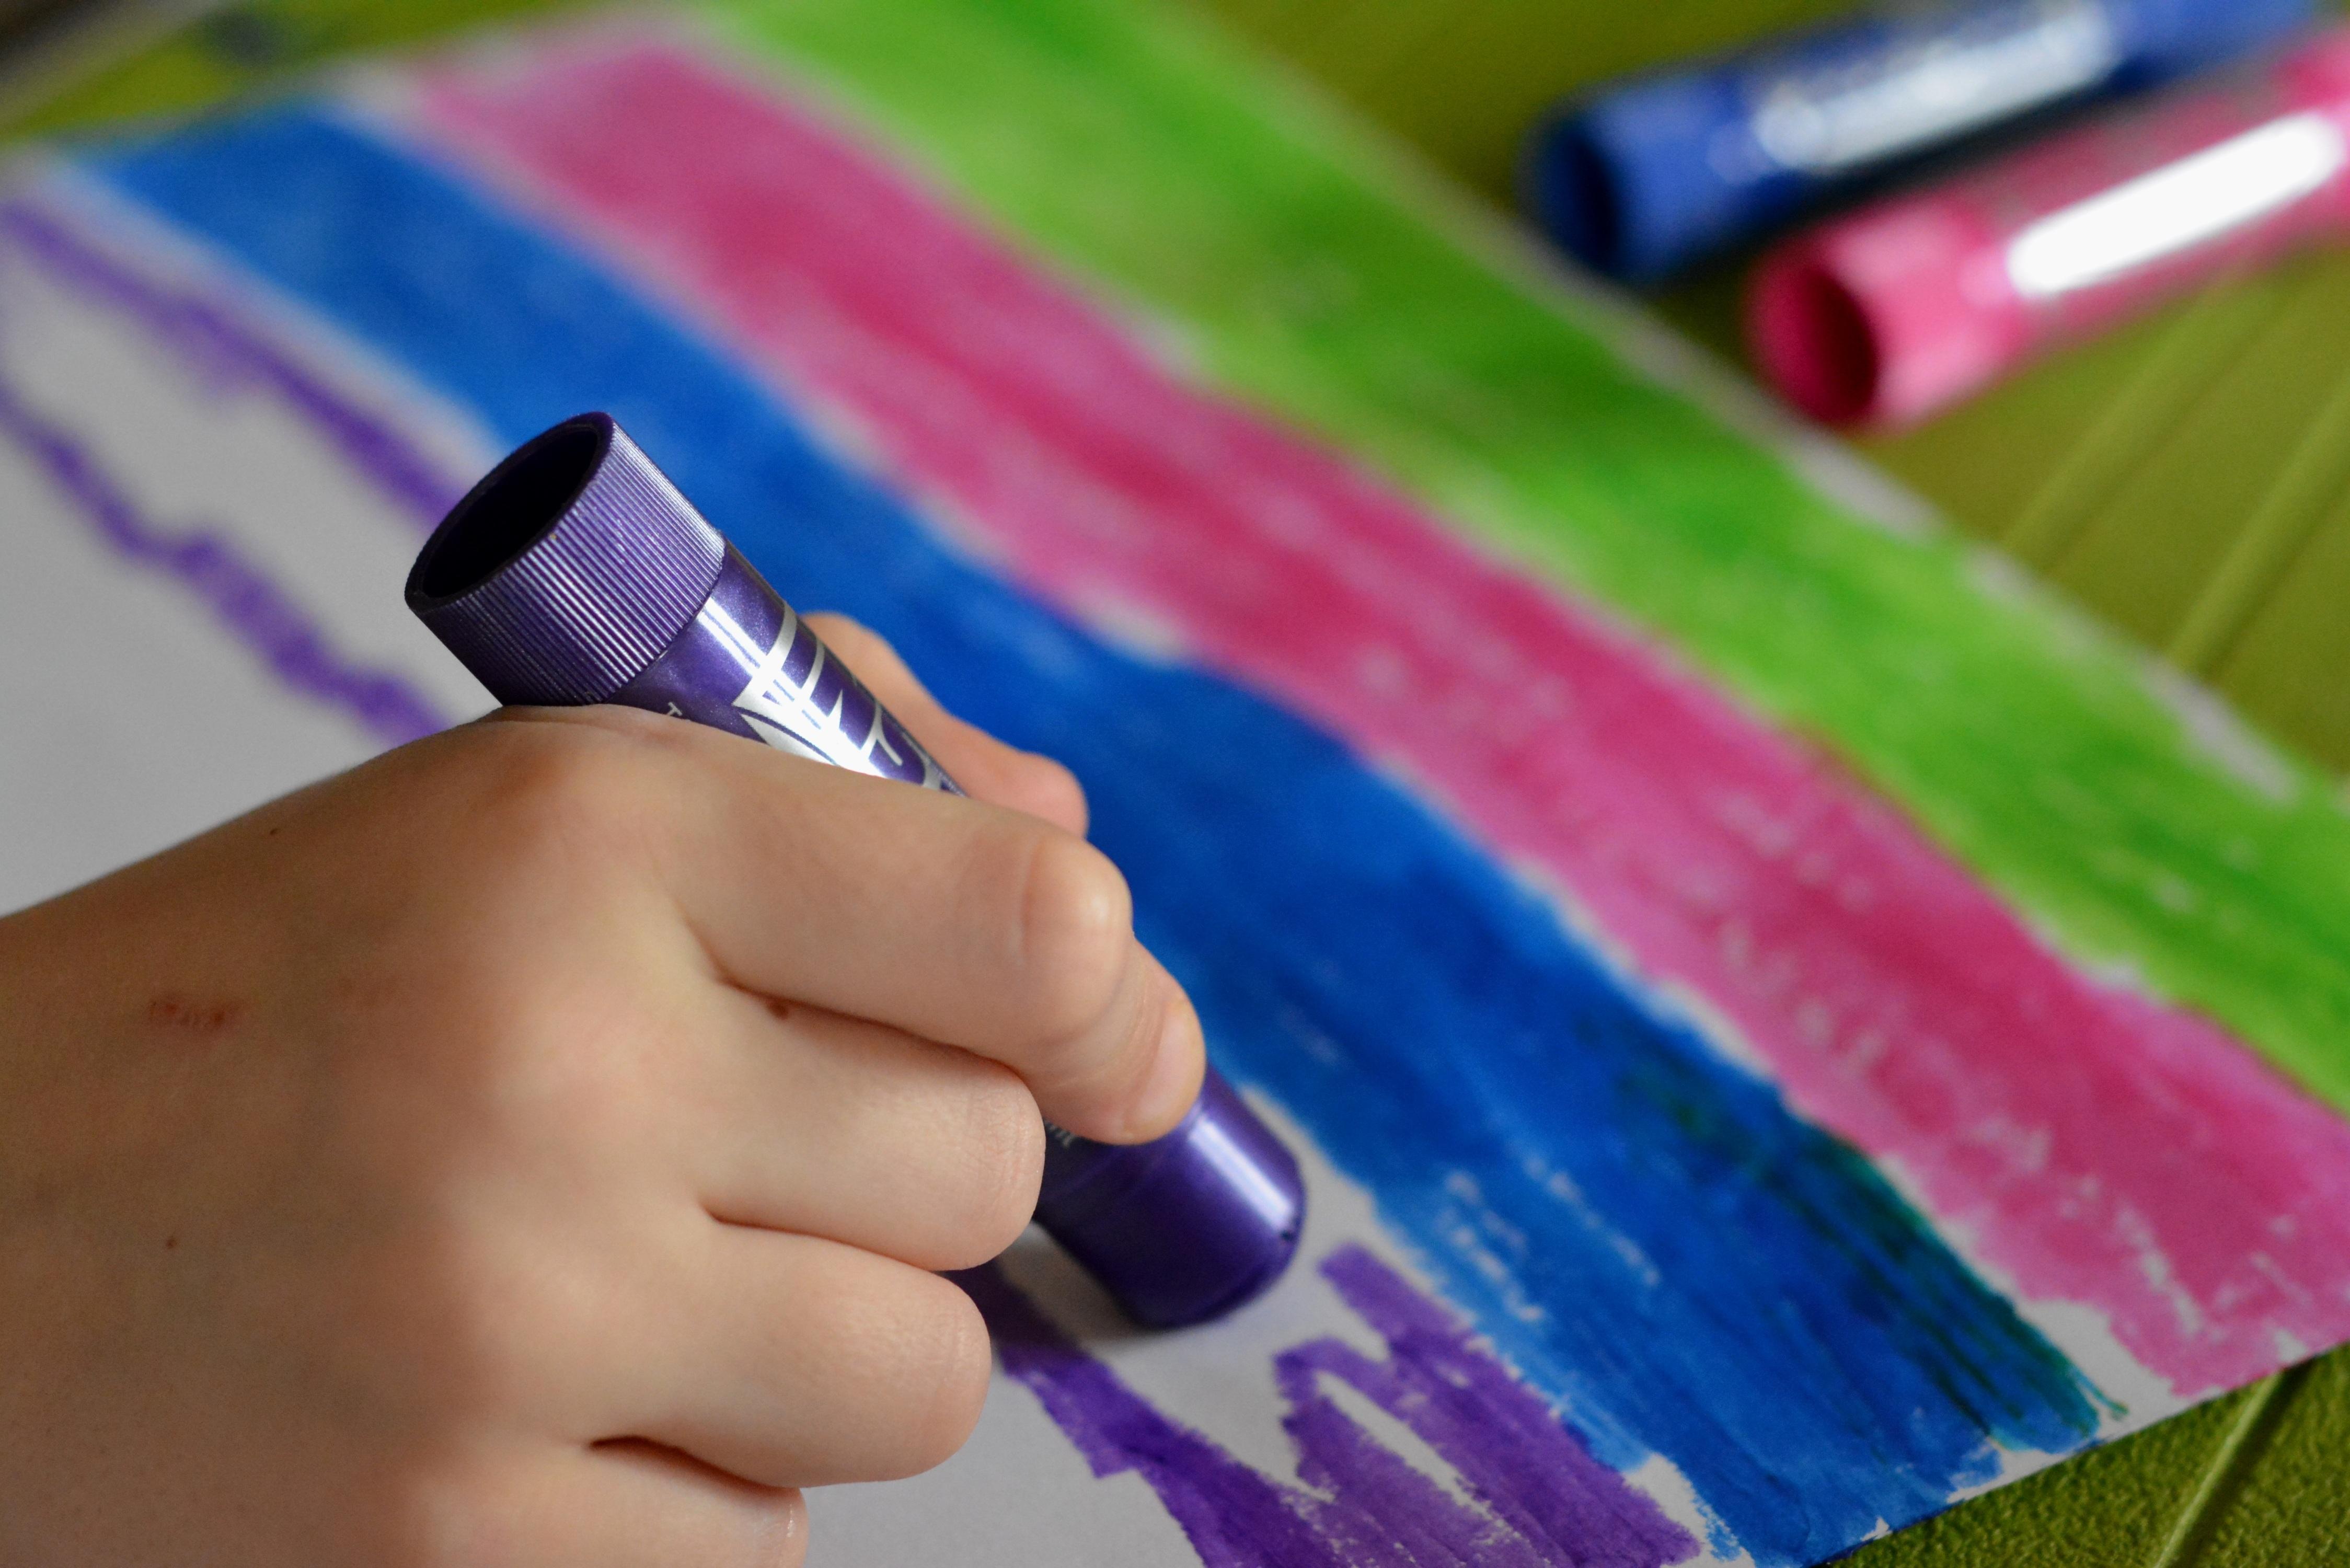 penulisan tangan jari warna anak cat kuku lukisan warna berwarna playcolor cat tongkat